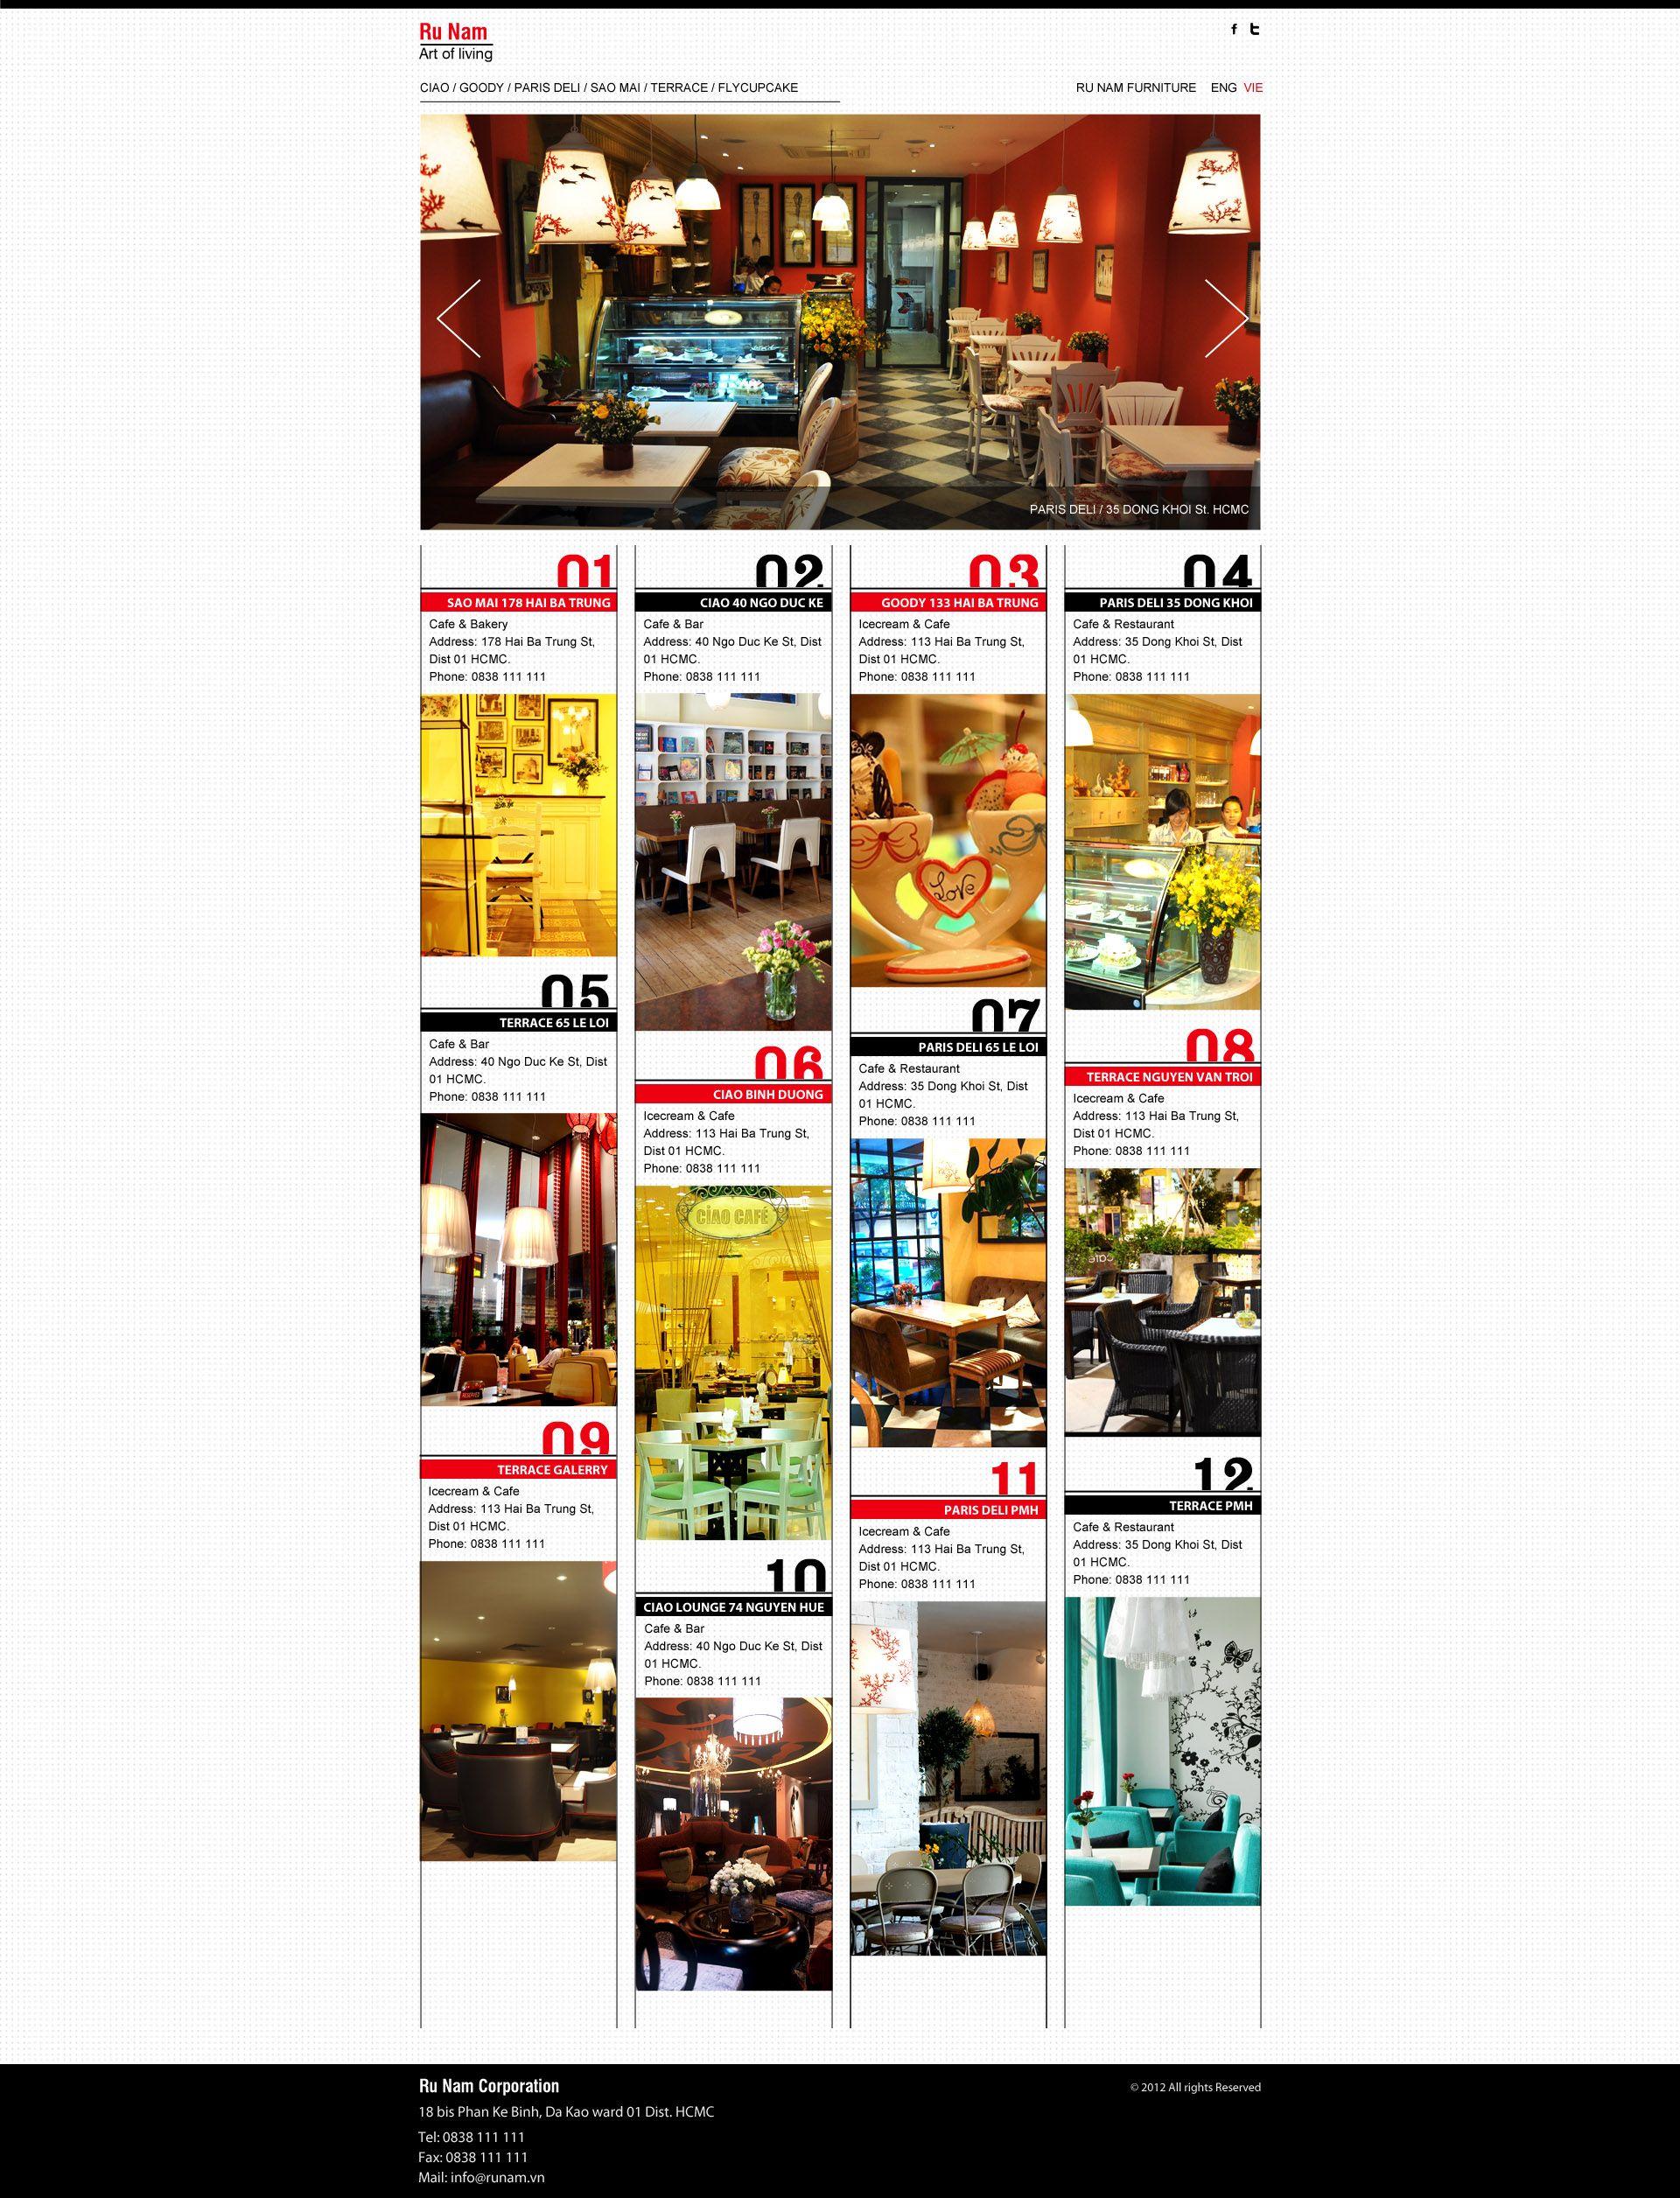 Calendar Of Events Design : Ciao cafe website calendar of events graphic design